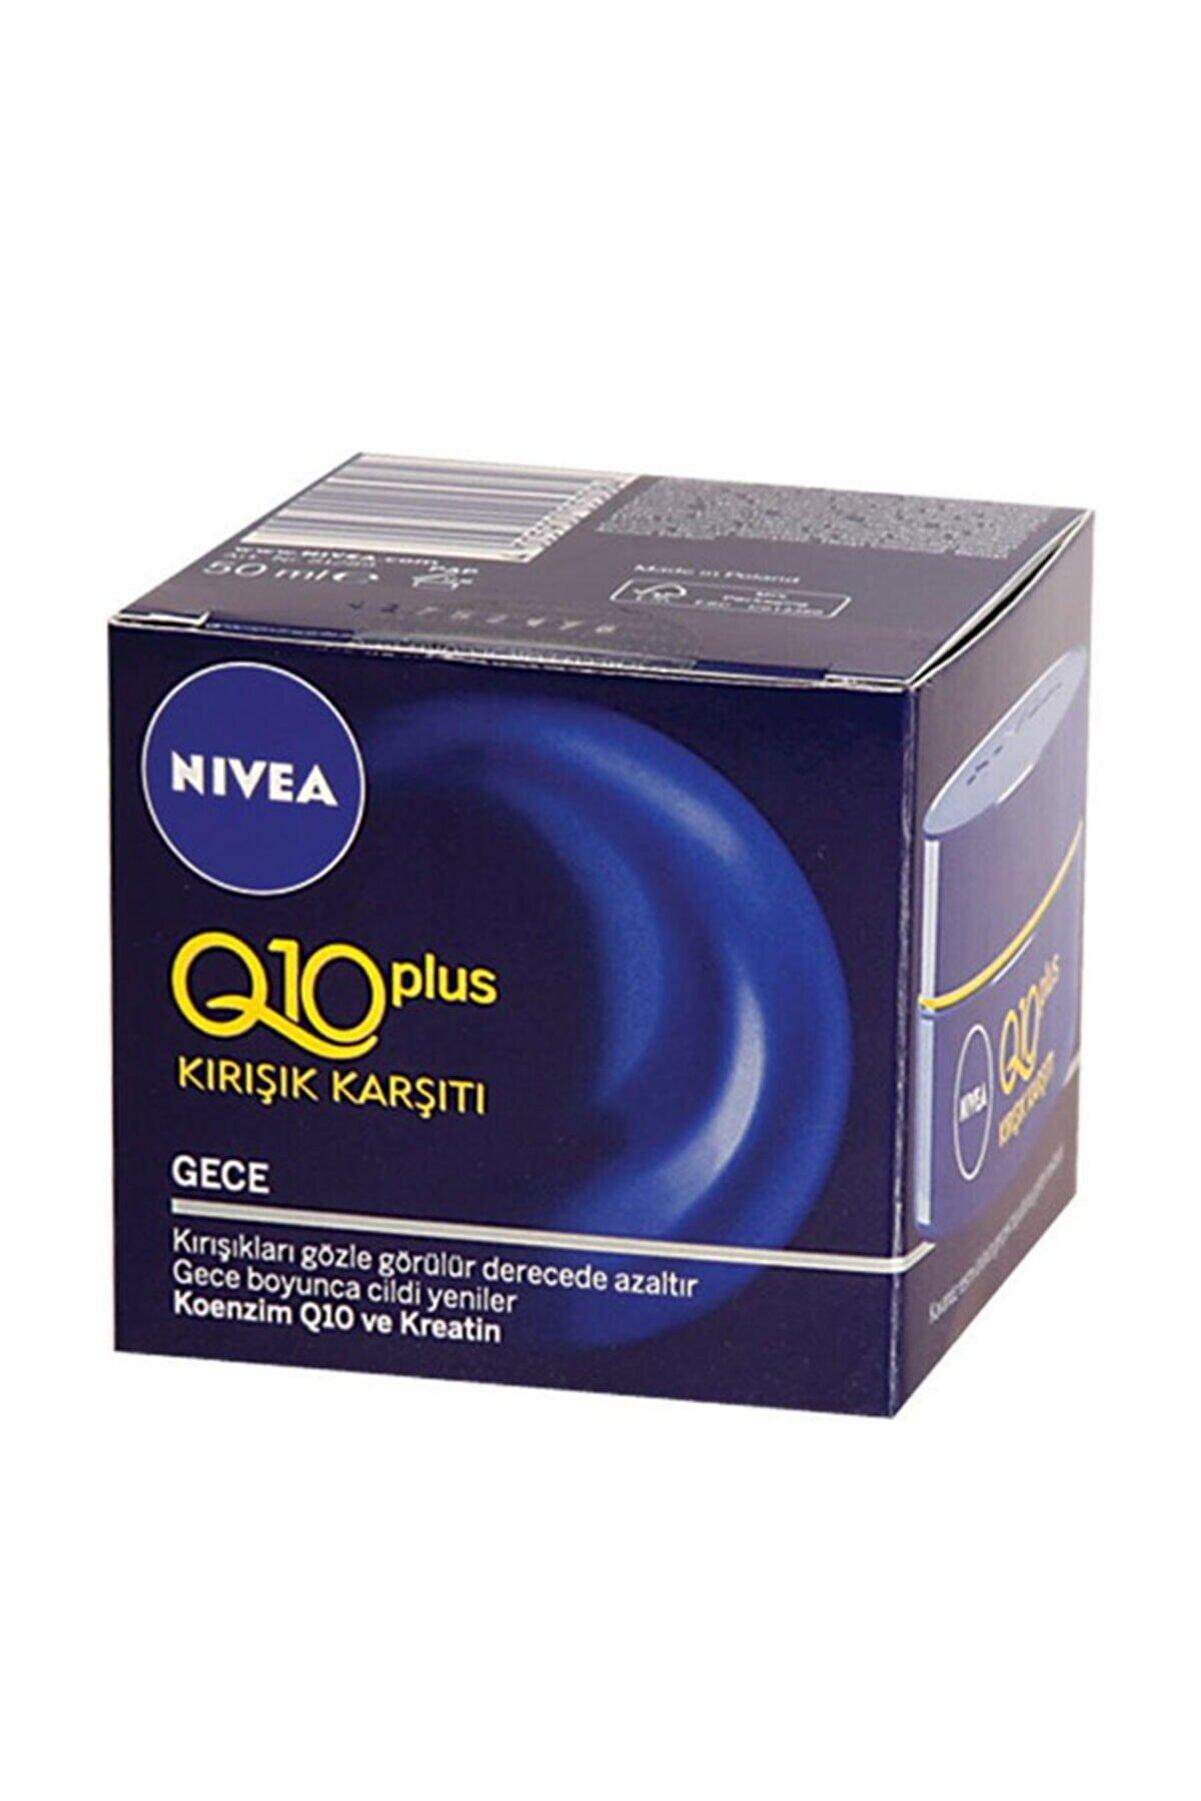 Nivea Q10 Plus Kırışık Karşıtı Gece Kremi 50 ml